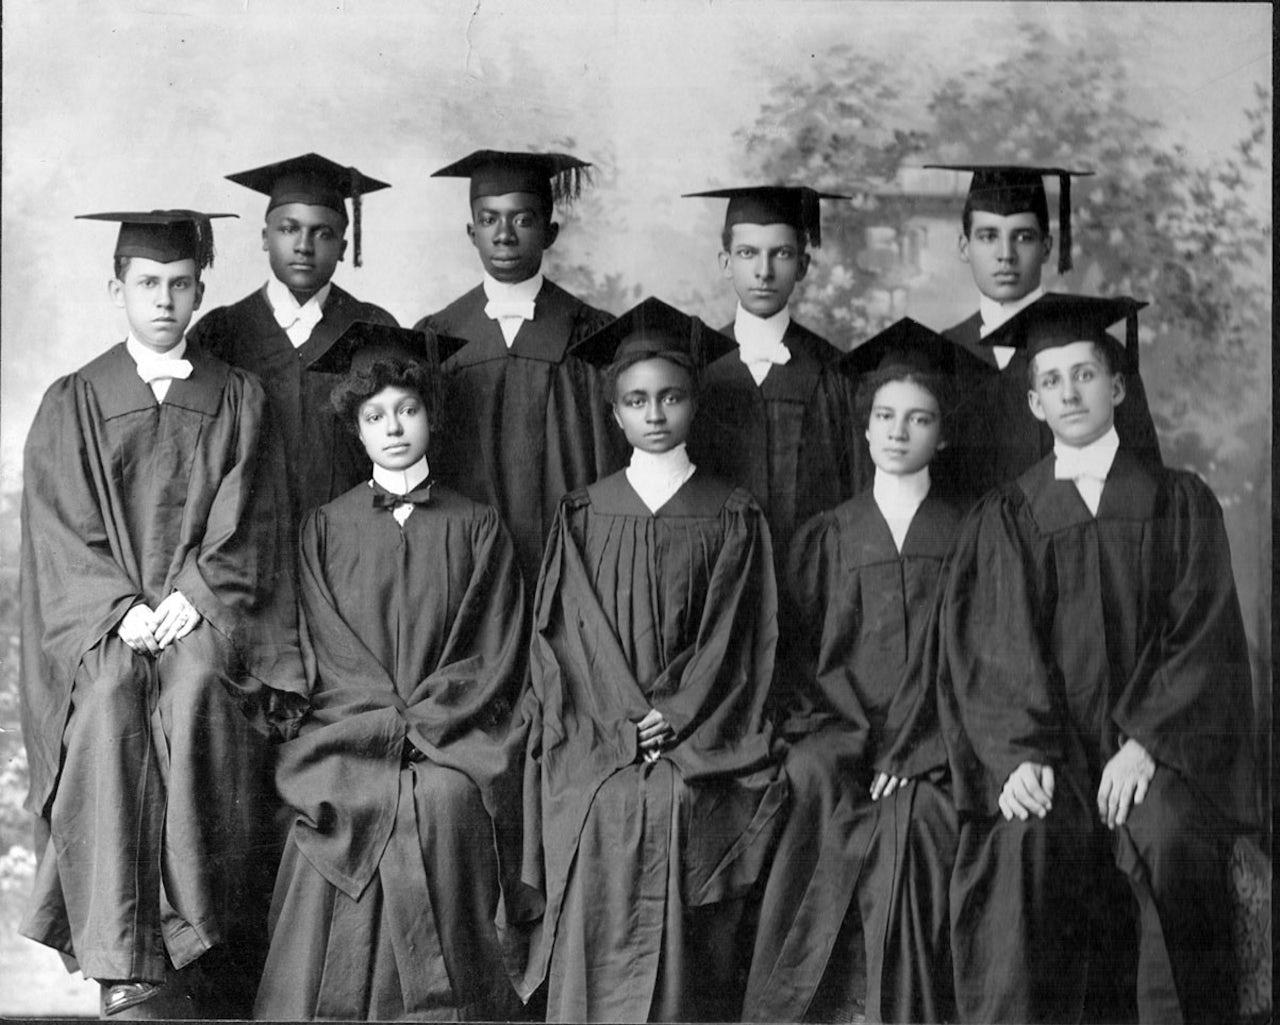 Atlanta University graduates in the early 1900s.